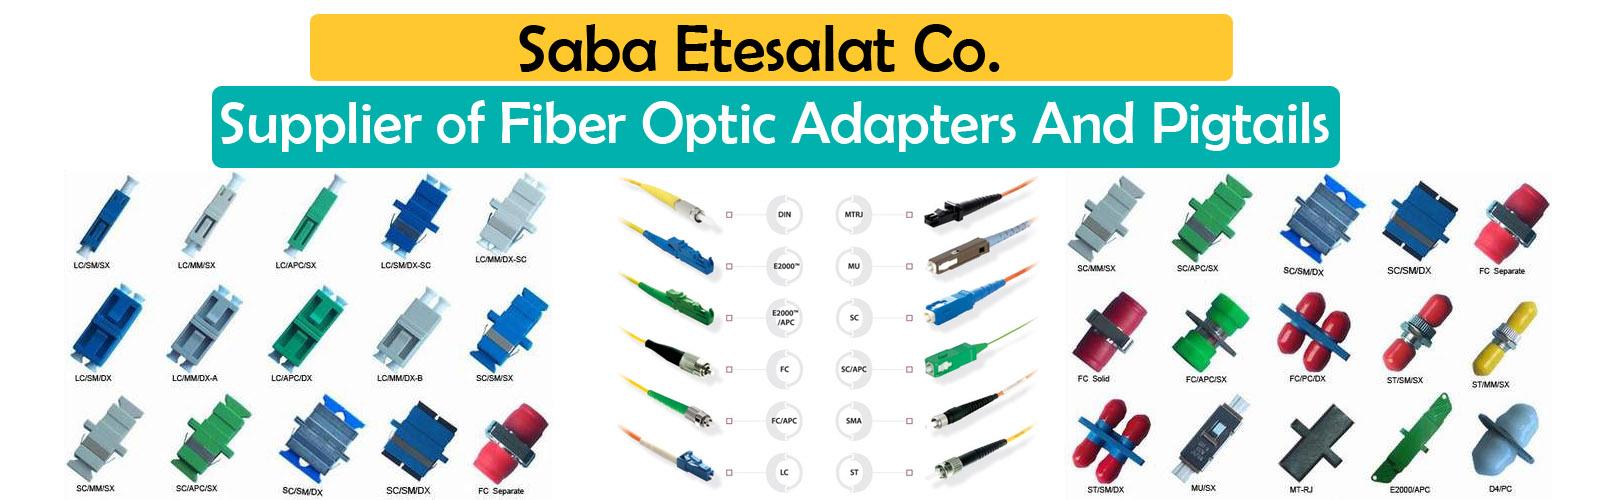 saba etesalat,fiber optic connectors